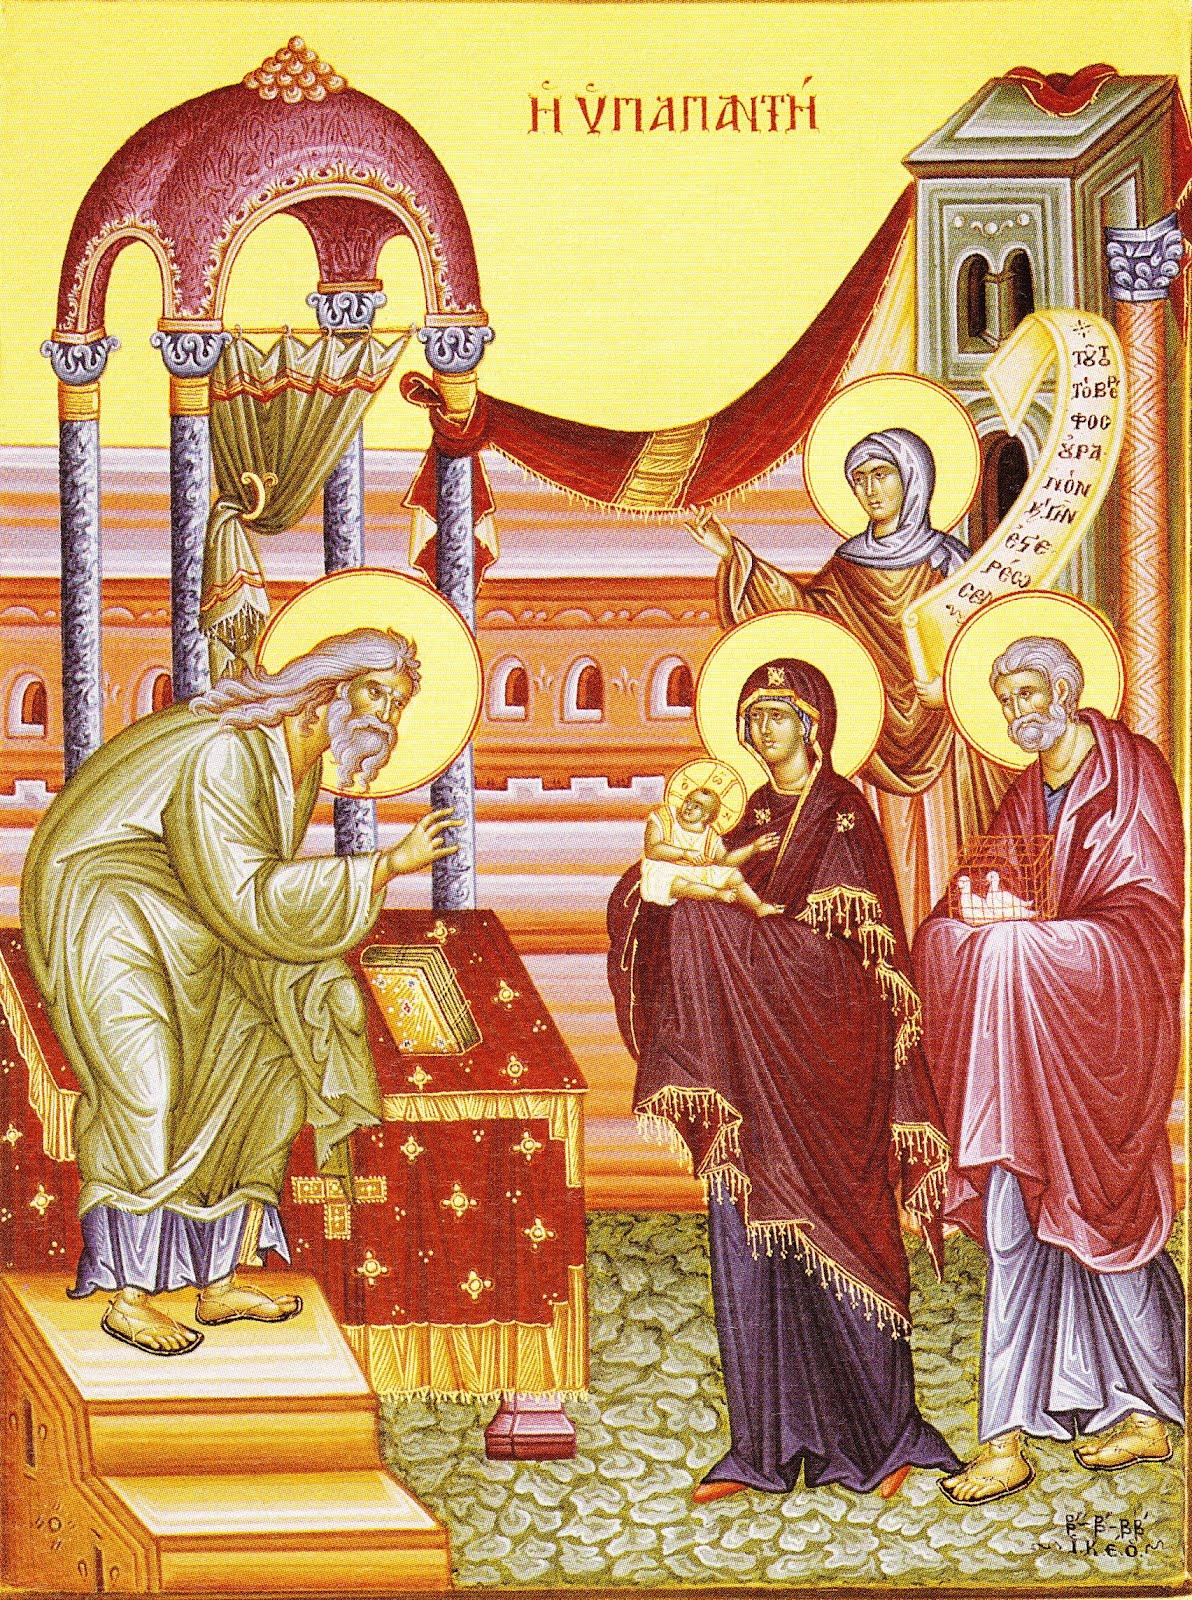 2 Φεβρουαρίου: η Υπαπαντή του Χριστού, 40 μέρες μετά τη γέννησή του